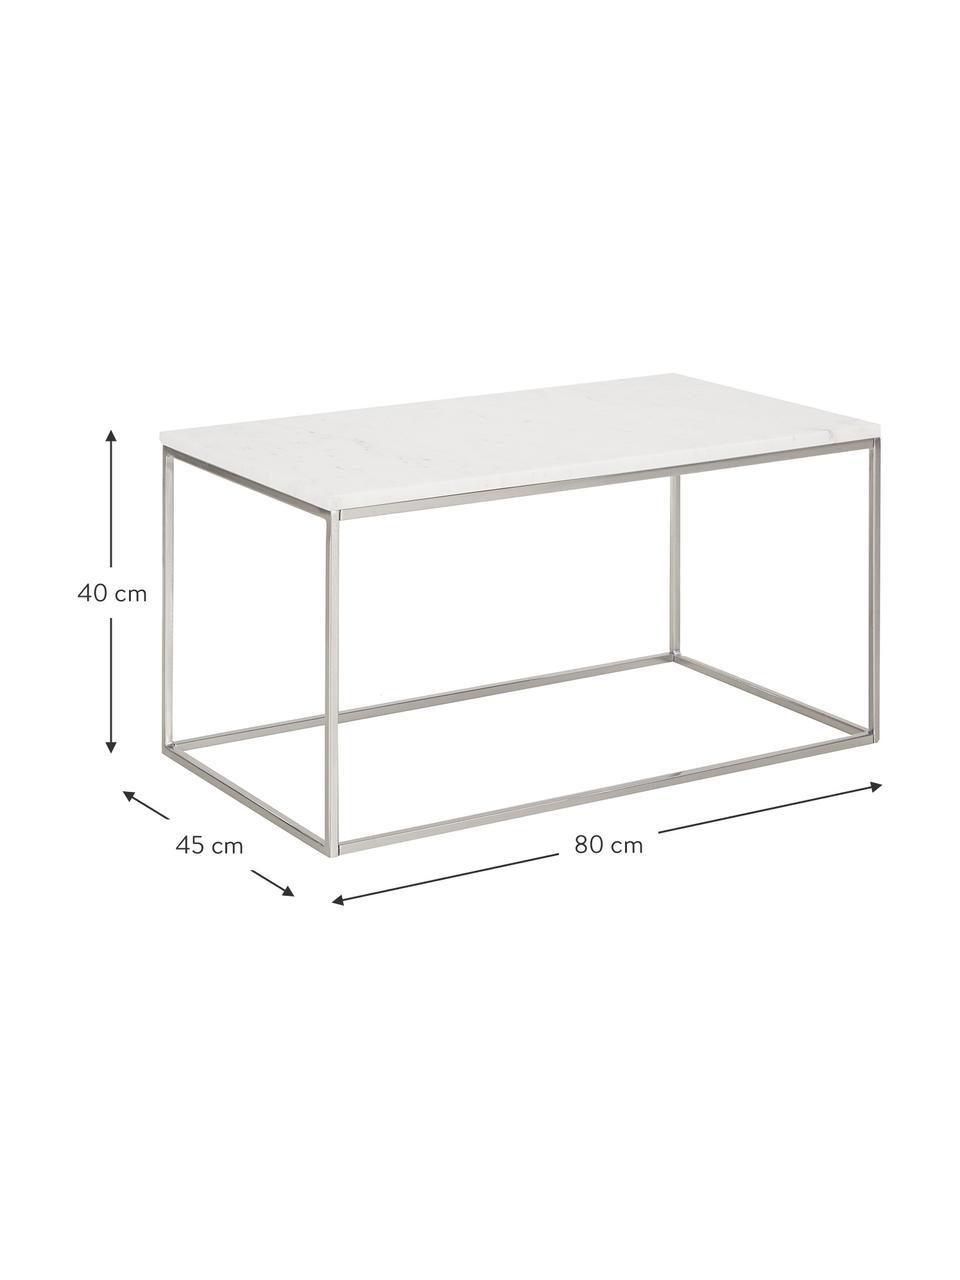 Marmor-Couchtisch Alys, Tischplatte: Marmor, Gestell: Metall, pulverbeschichtet, Weißer Marmor, Silberfarben, 80 x 40 cm